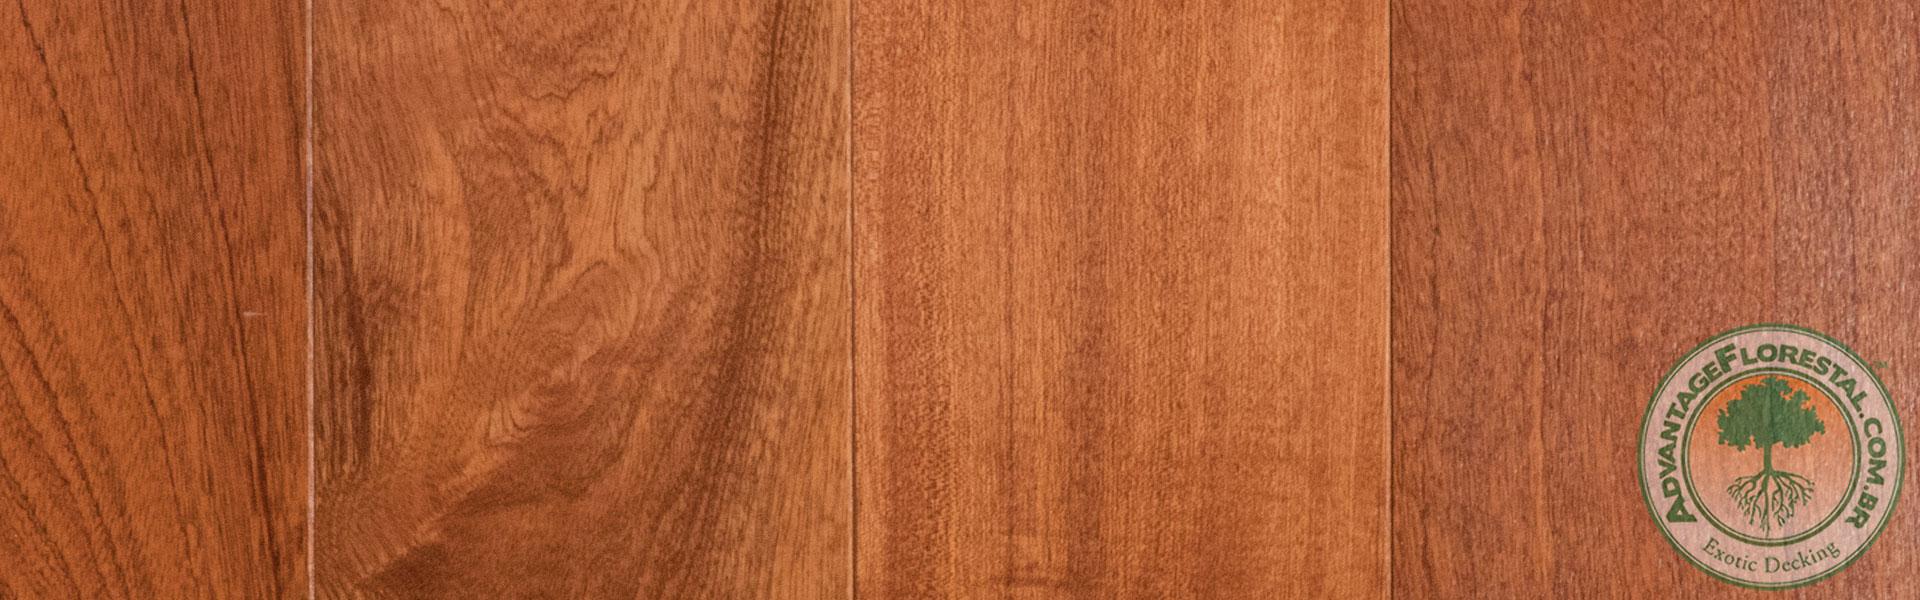 Wholesale Sapele Hardwood Flooring